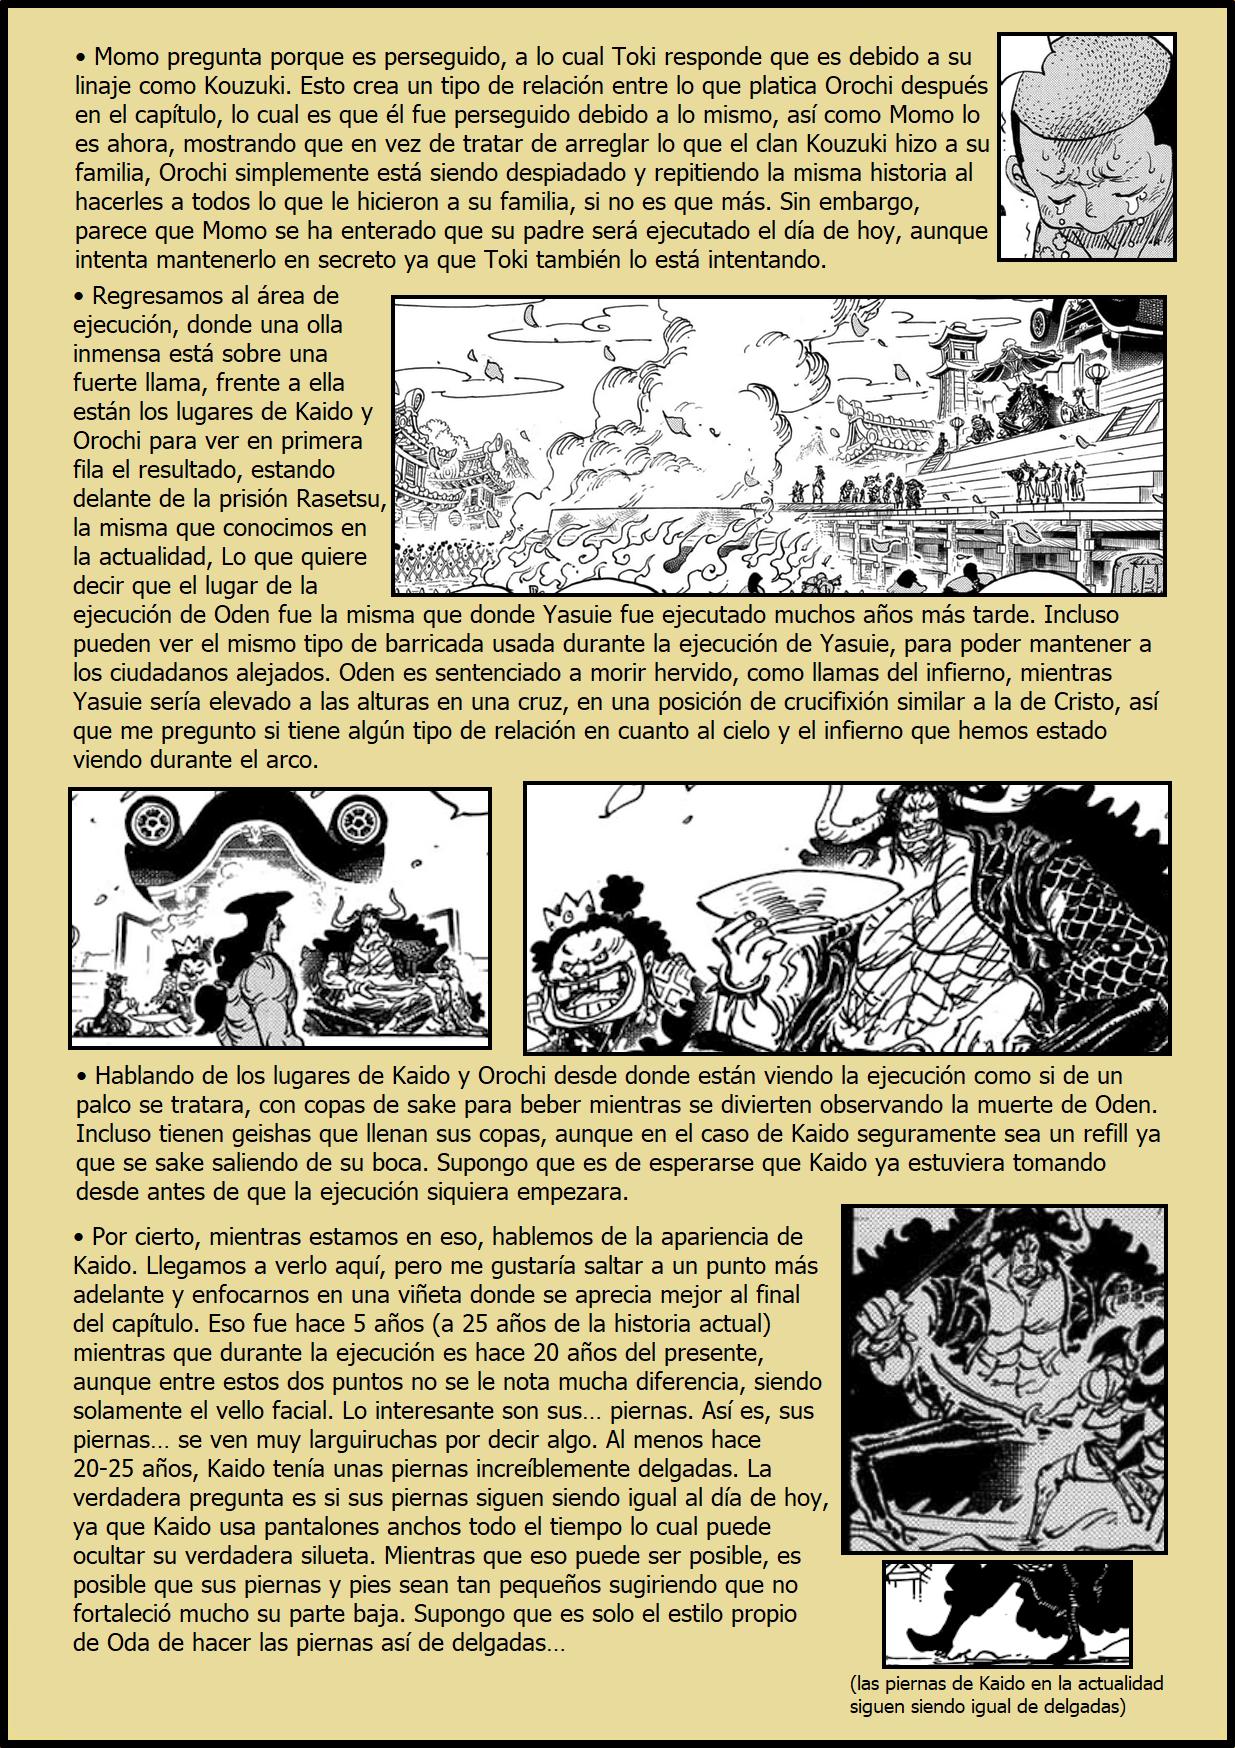 Secretos & Curiosidades - One Piece Manga 971 02